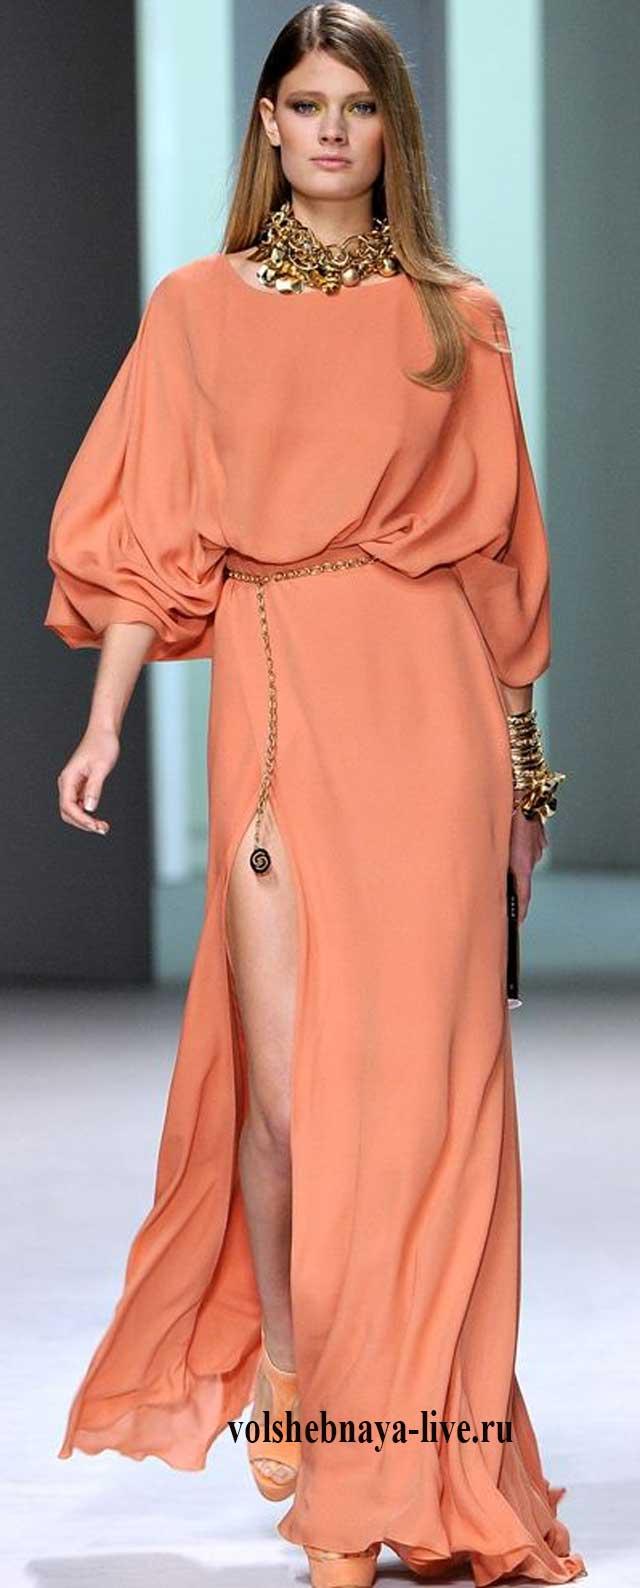 Персиковое платье в пол в русском стиле